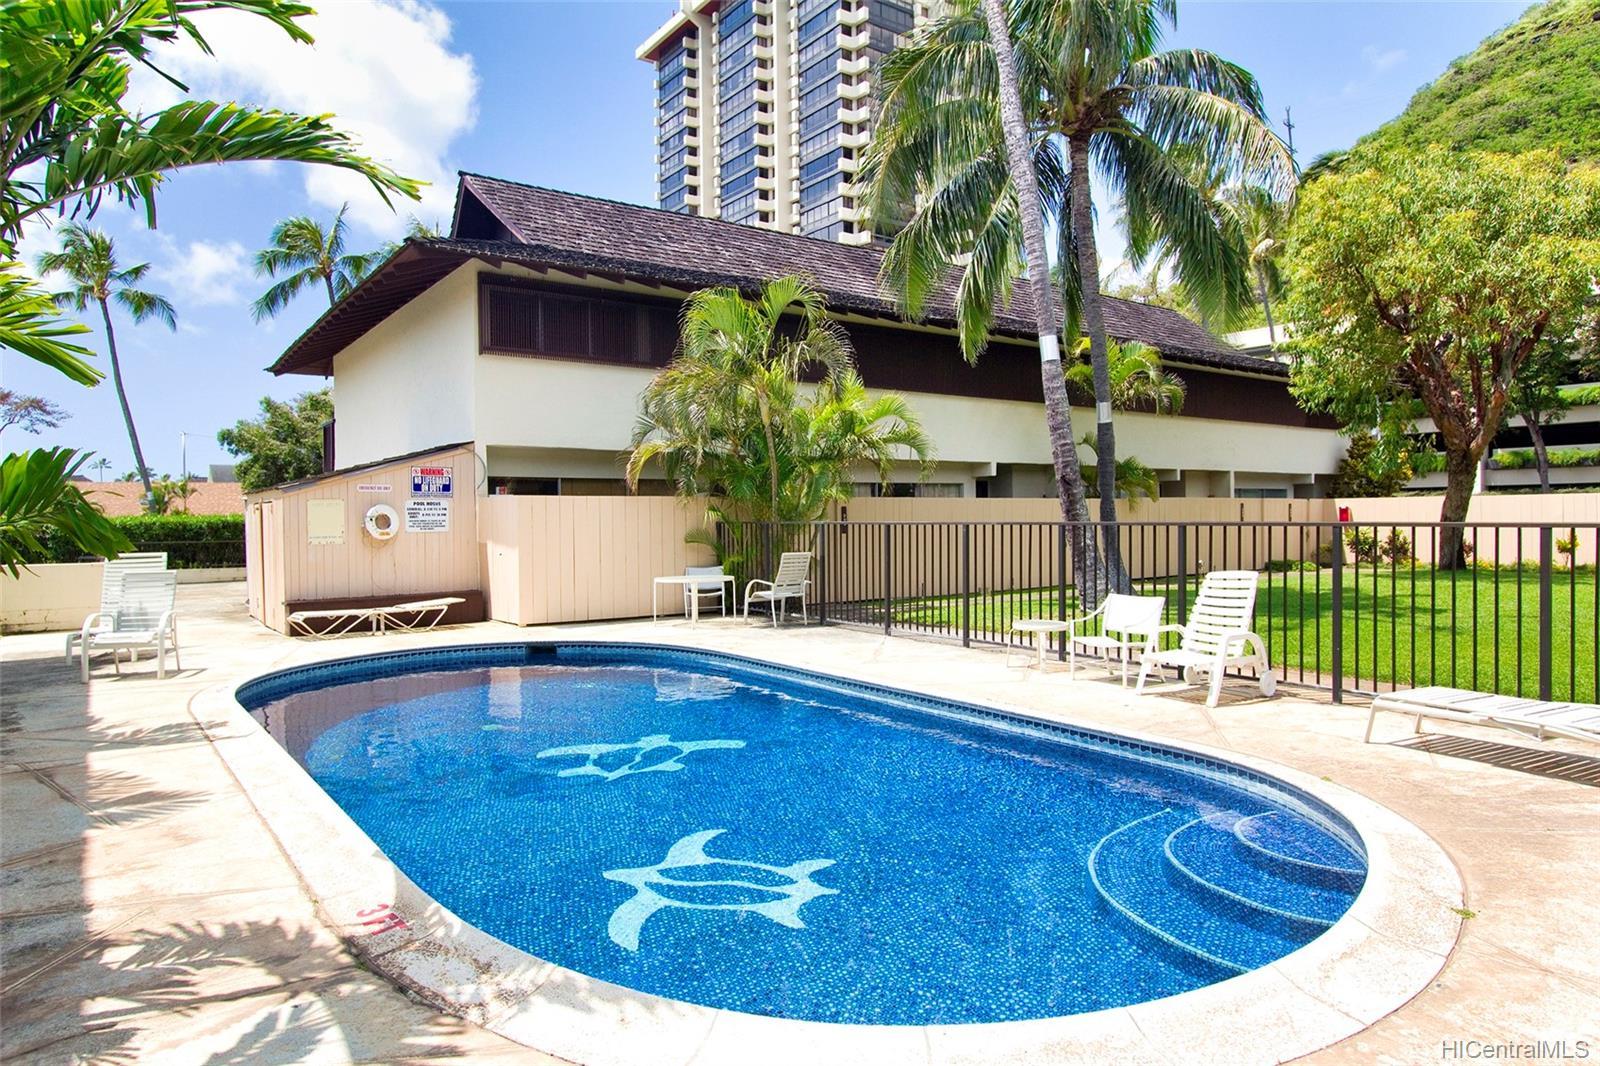 6225 Kawaihae Place townhouse # C101, Honolulu, Hawaii - photo 23 of 25